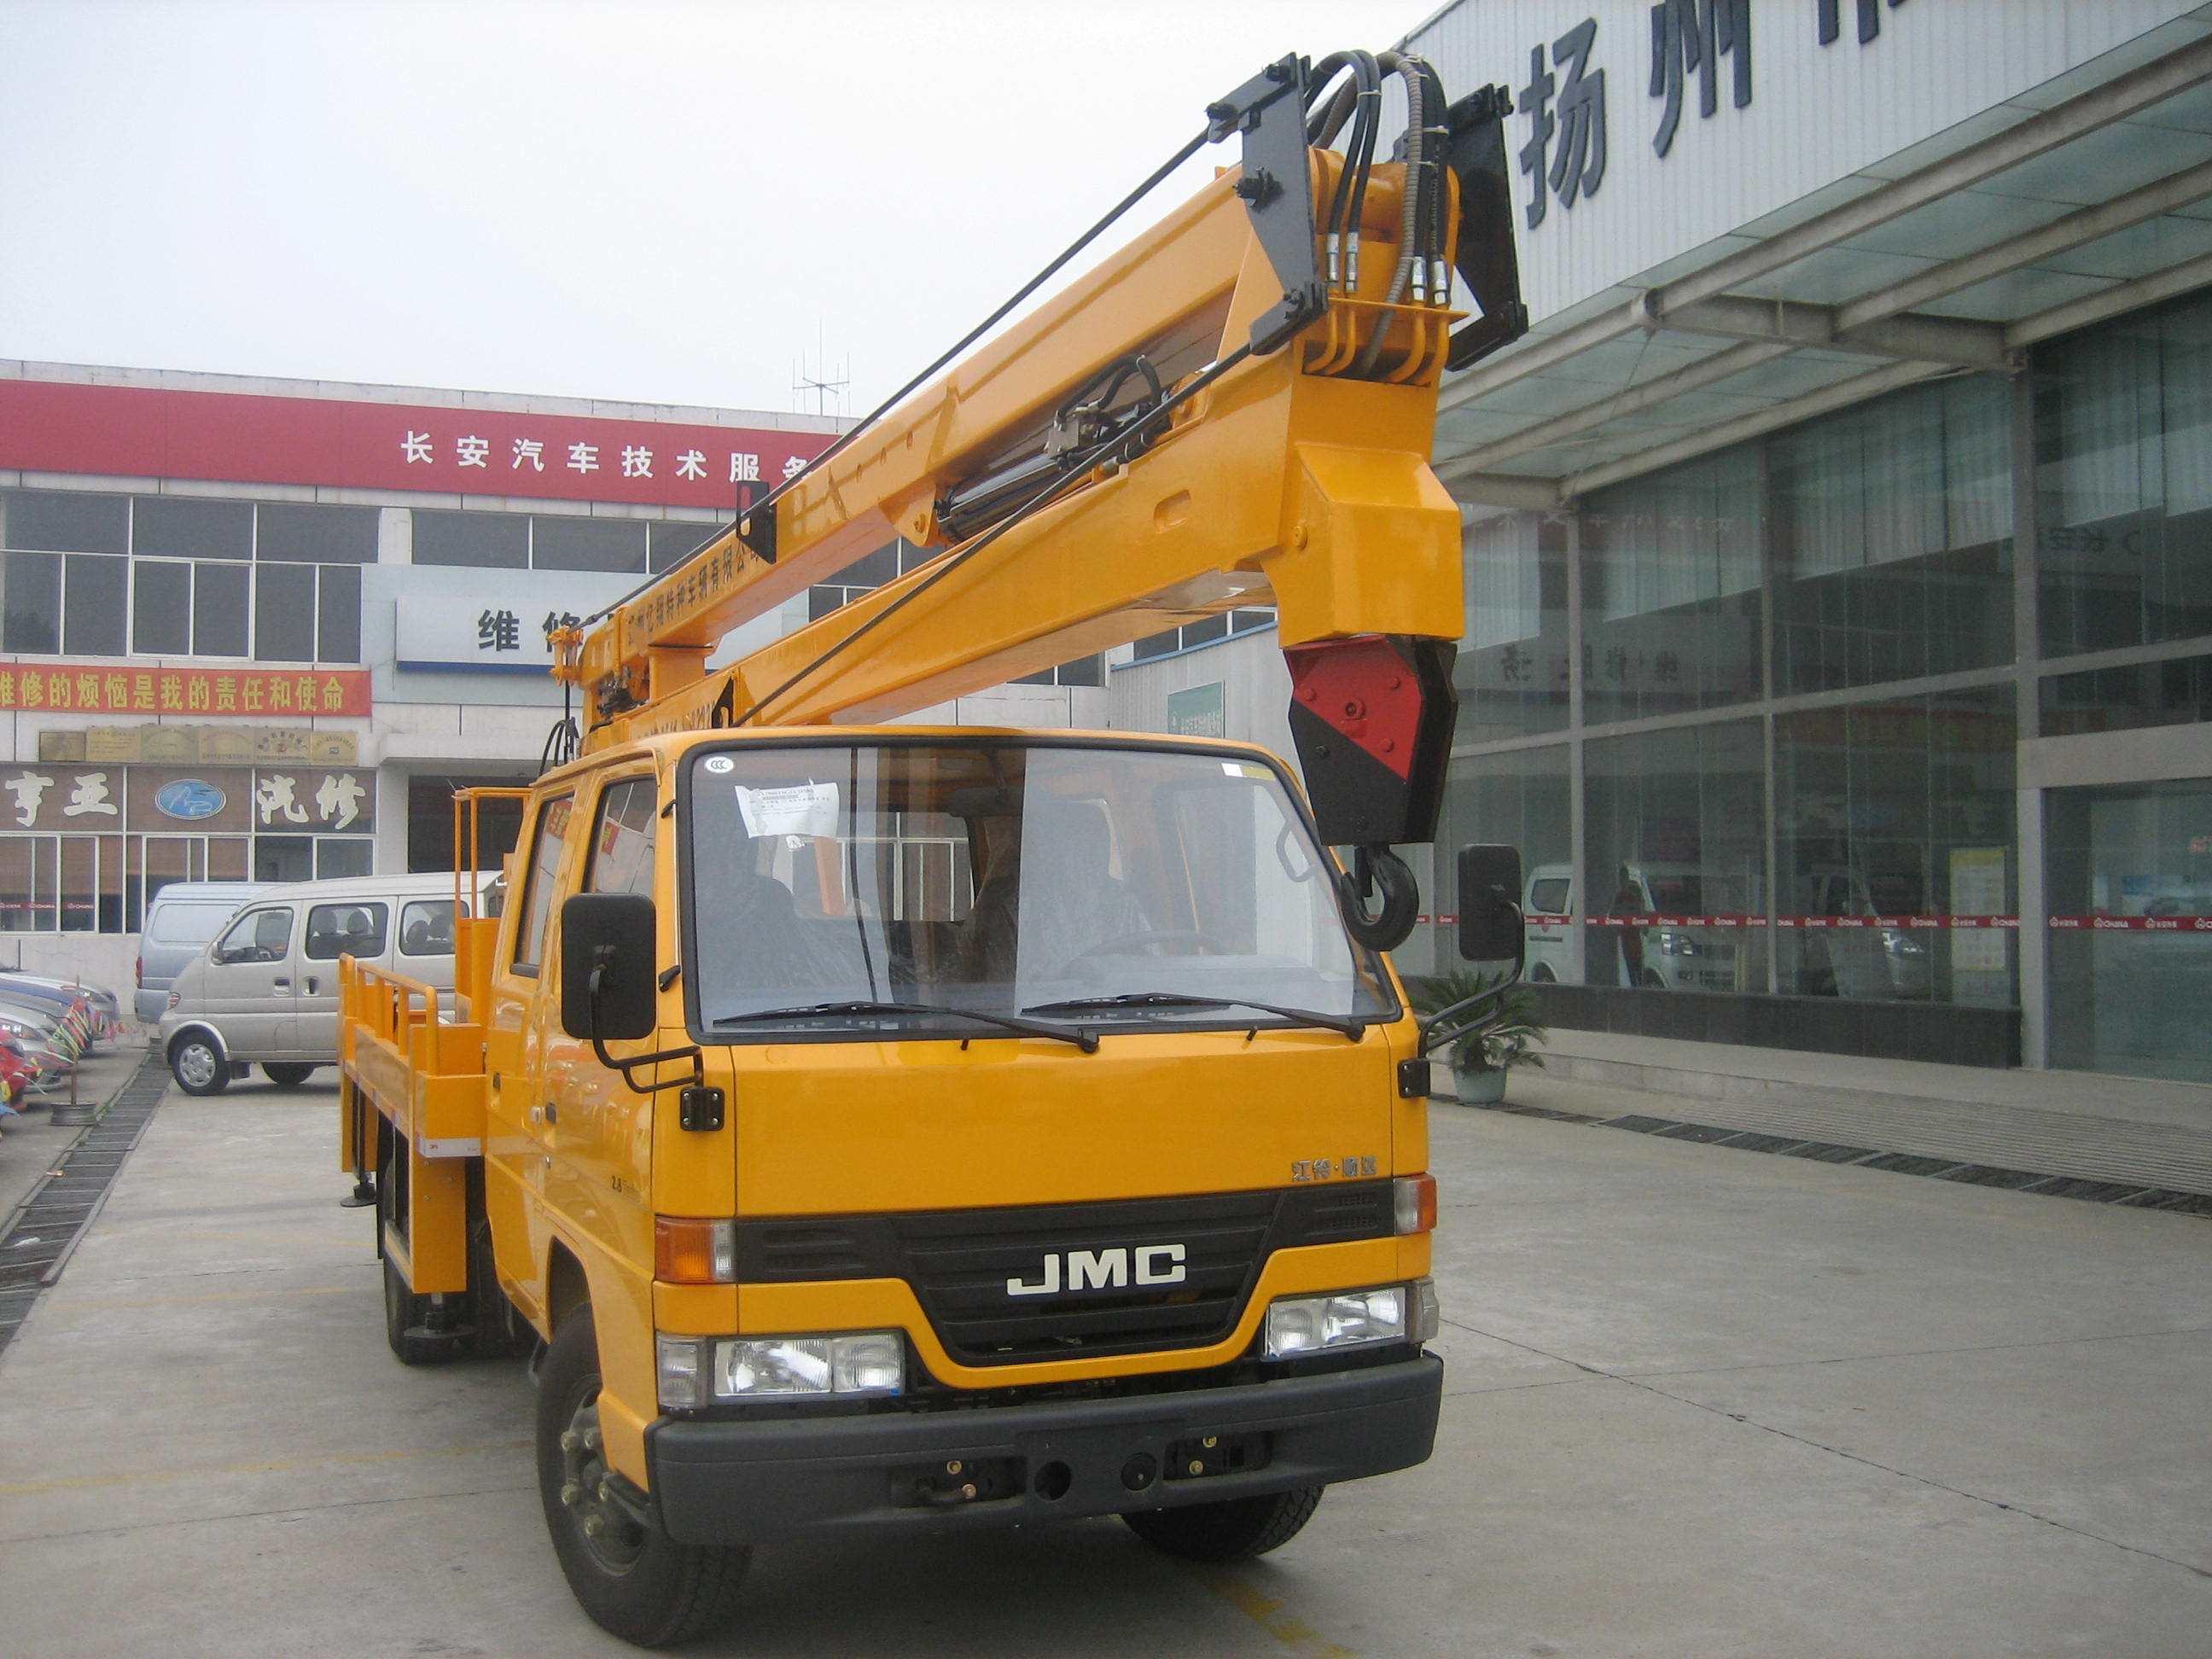 江铃14米-16米高空作业车